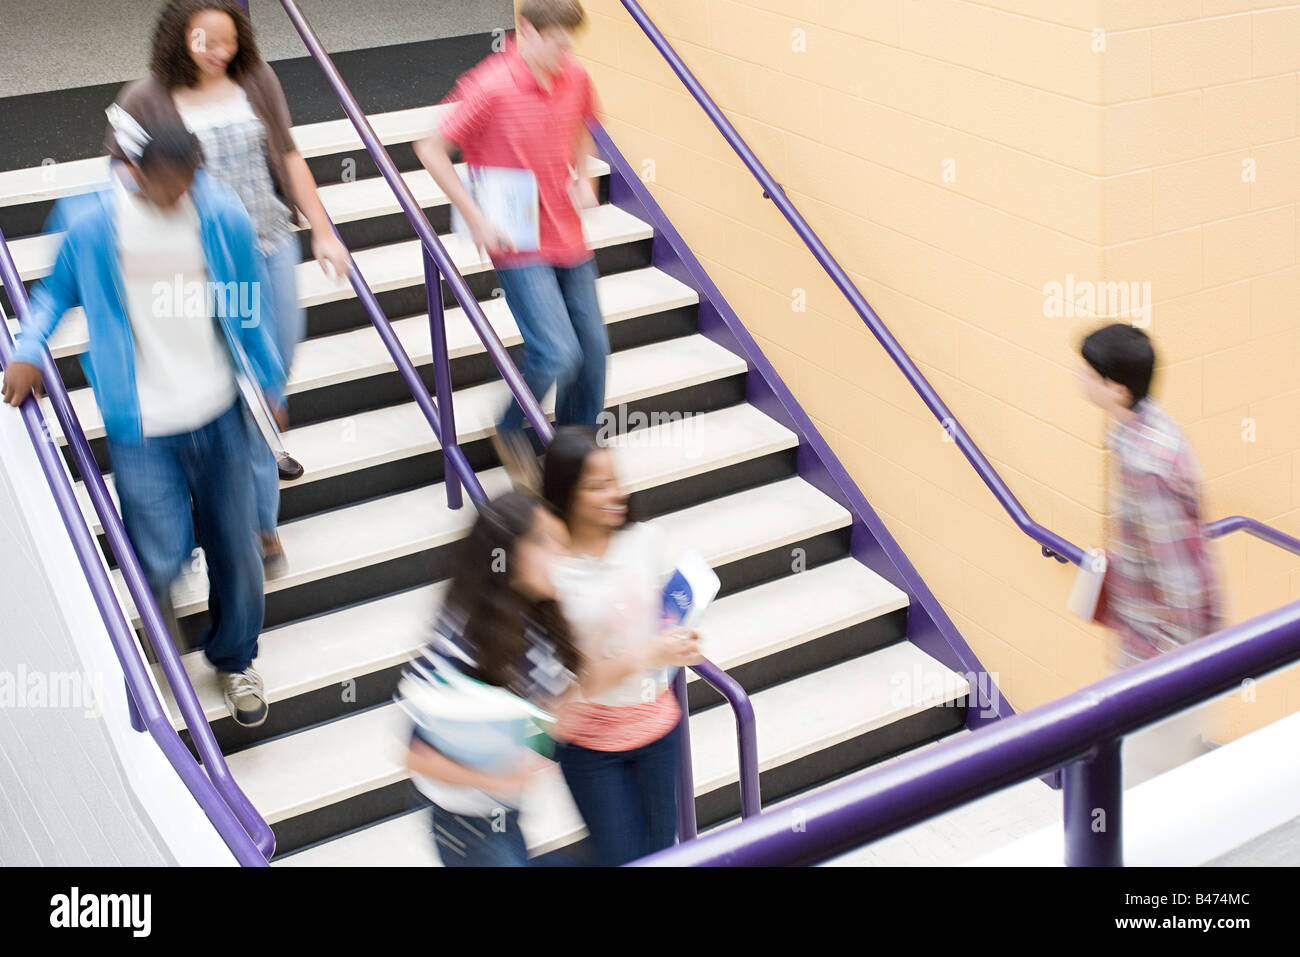 Los estudiantes de secundaria en las escaleras Imagen De Stock